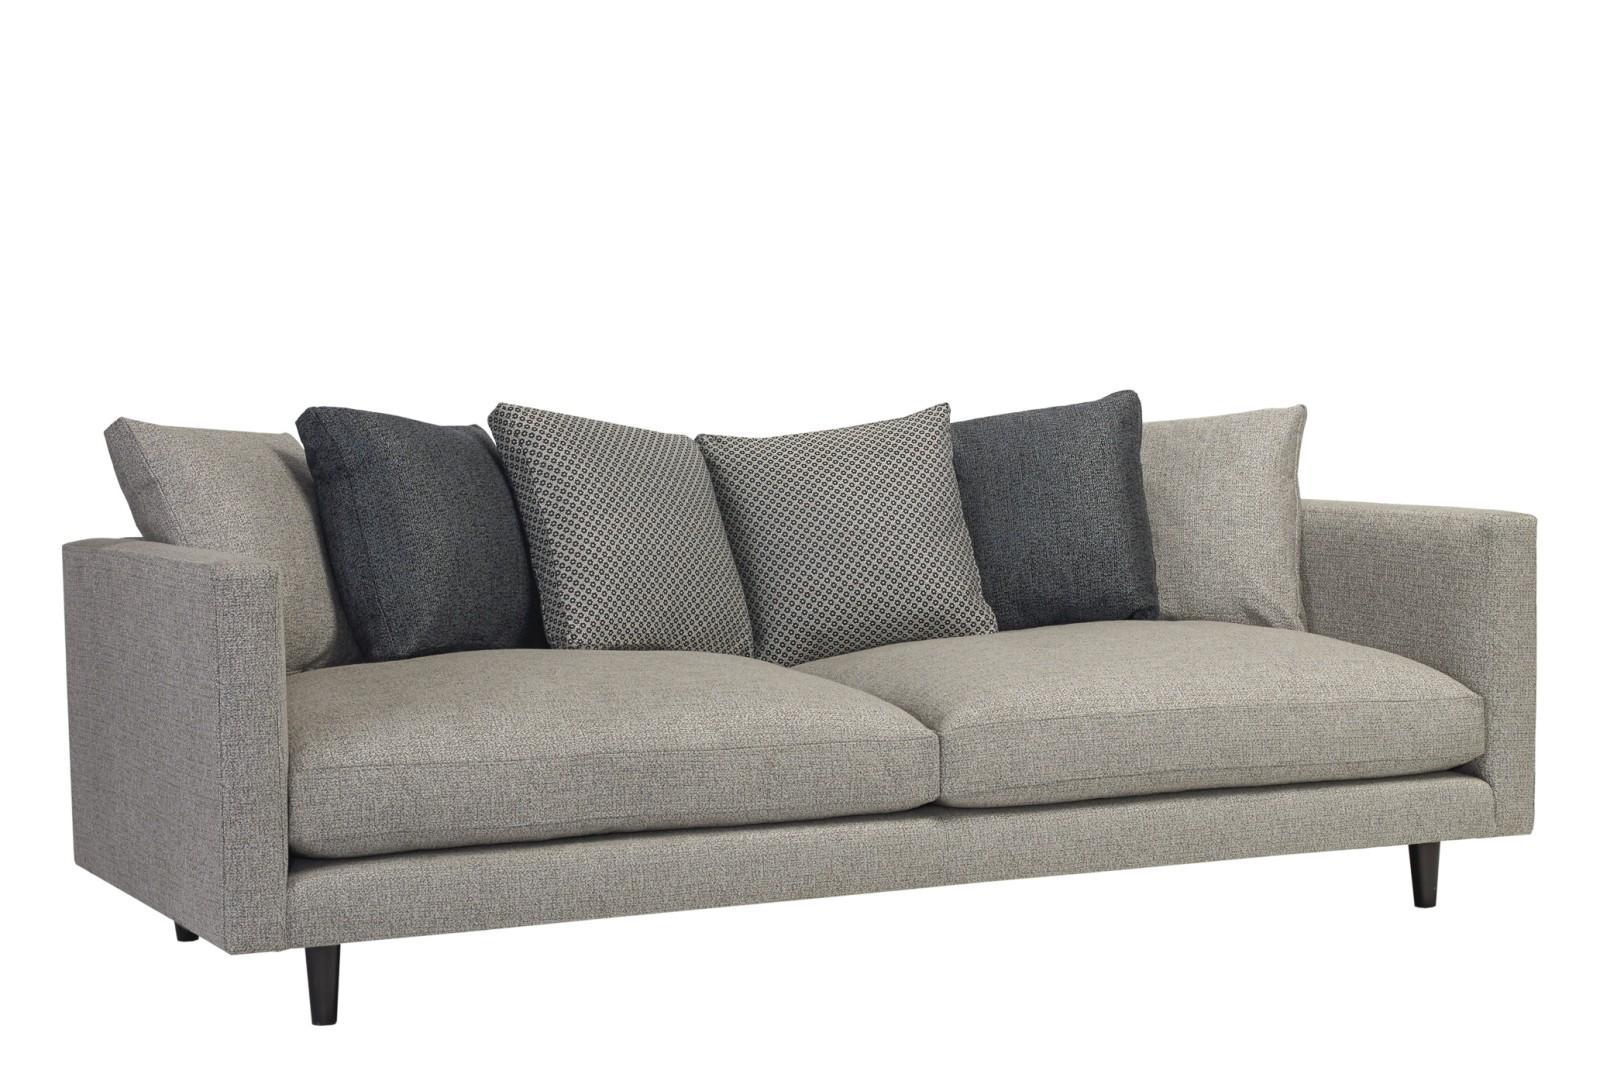 Studio 3 Seater Sofa Beige